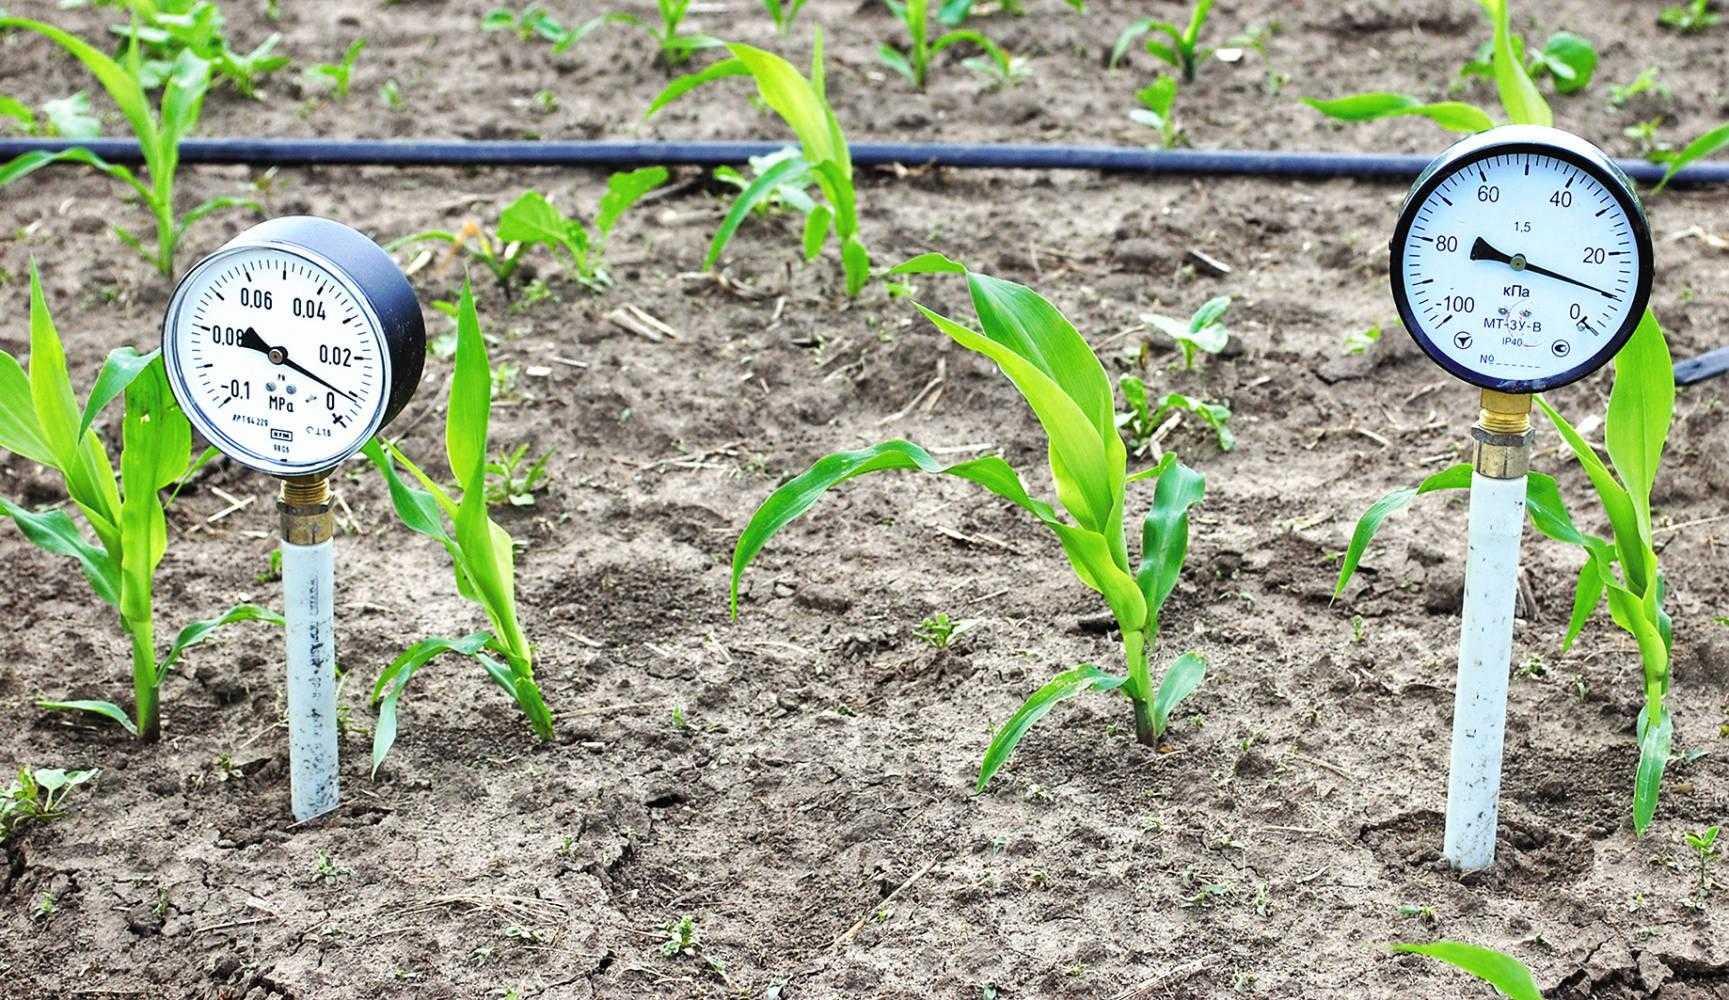 Тензіометричні датчики вологості ґрунту типу ВВТ-ІІ на дослідному полігоні (Херсонська область)